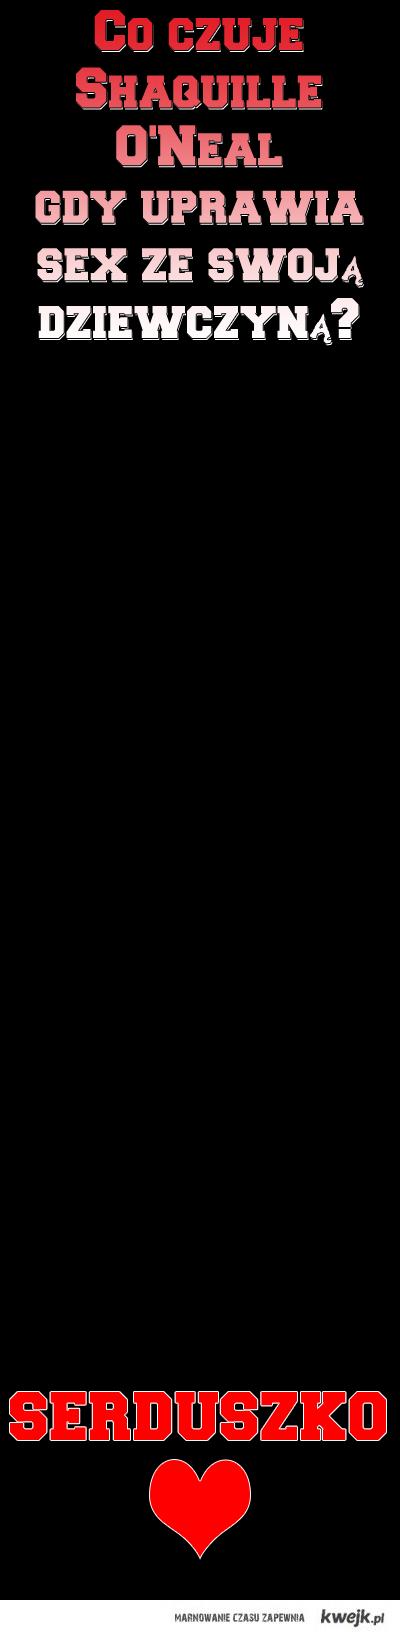 SERDUCHO